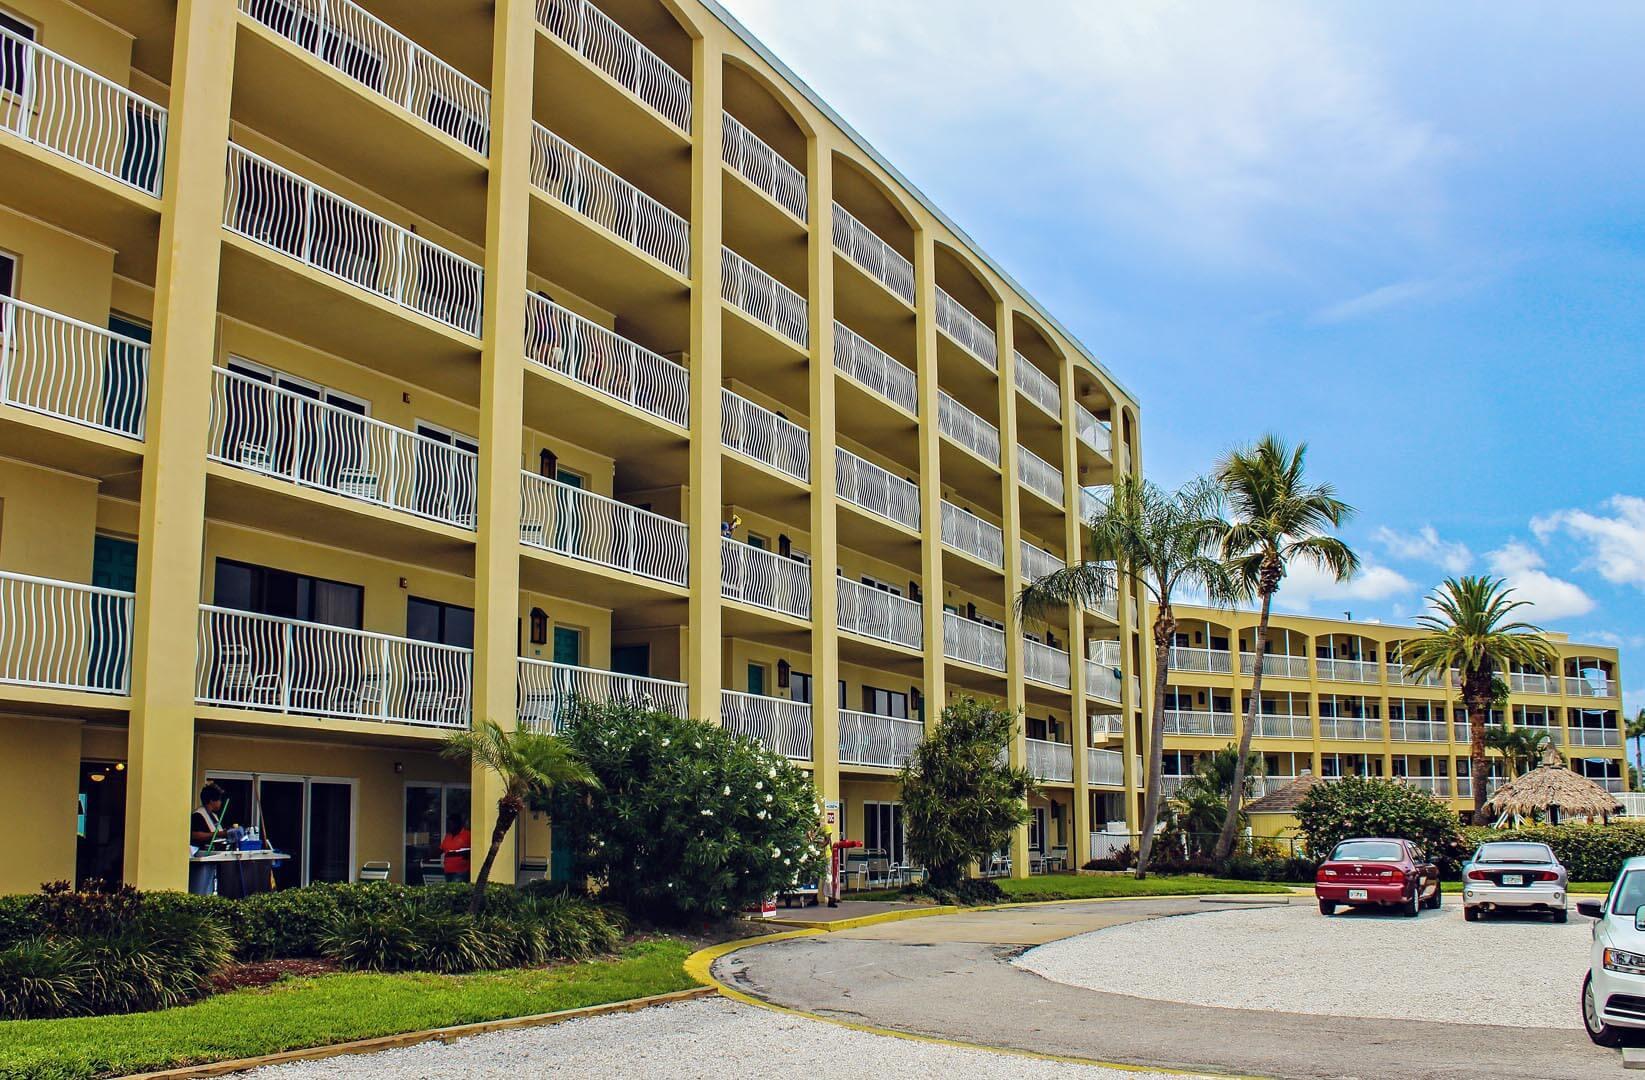 Coral Reef Beach Resort Building